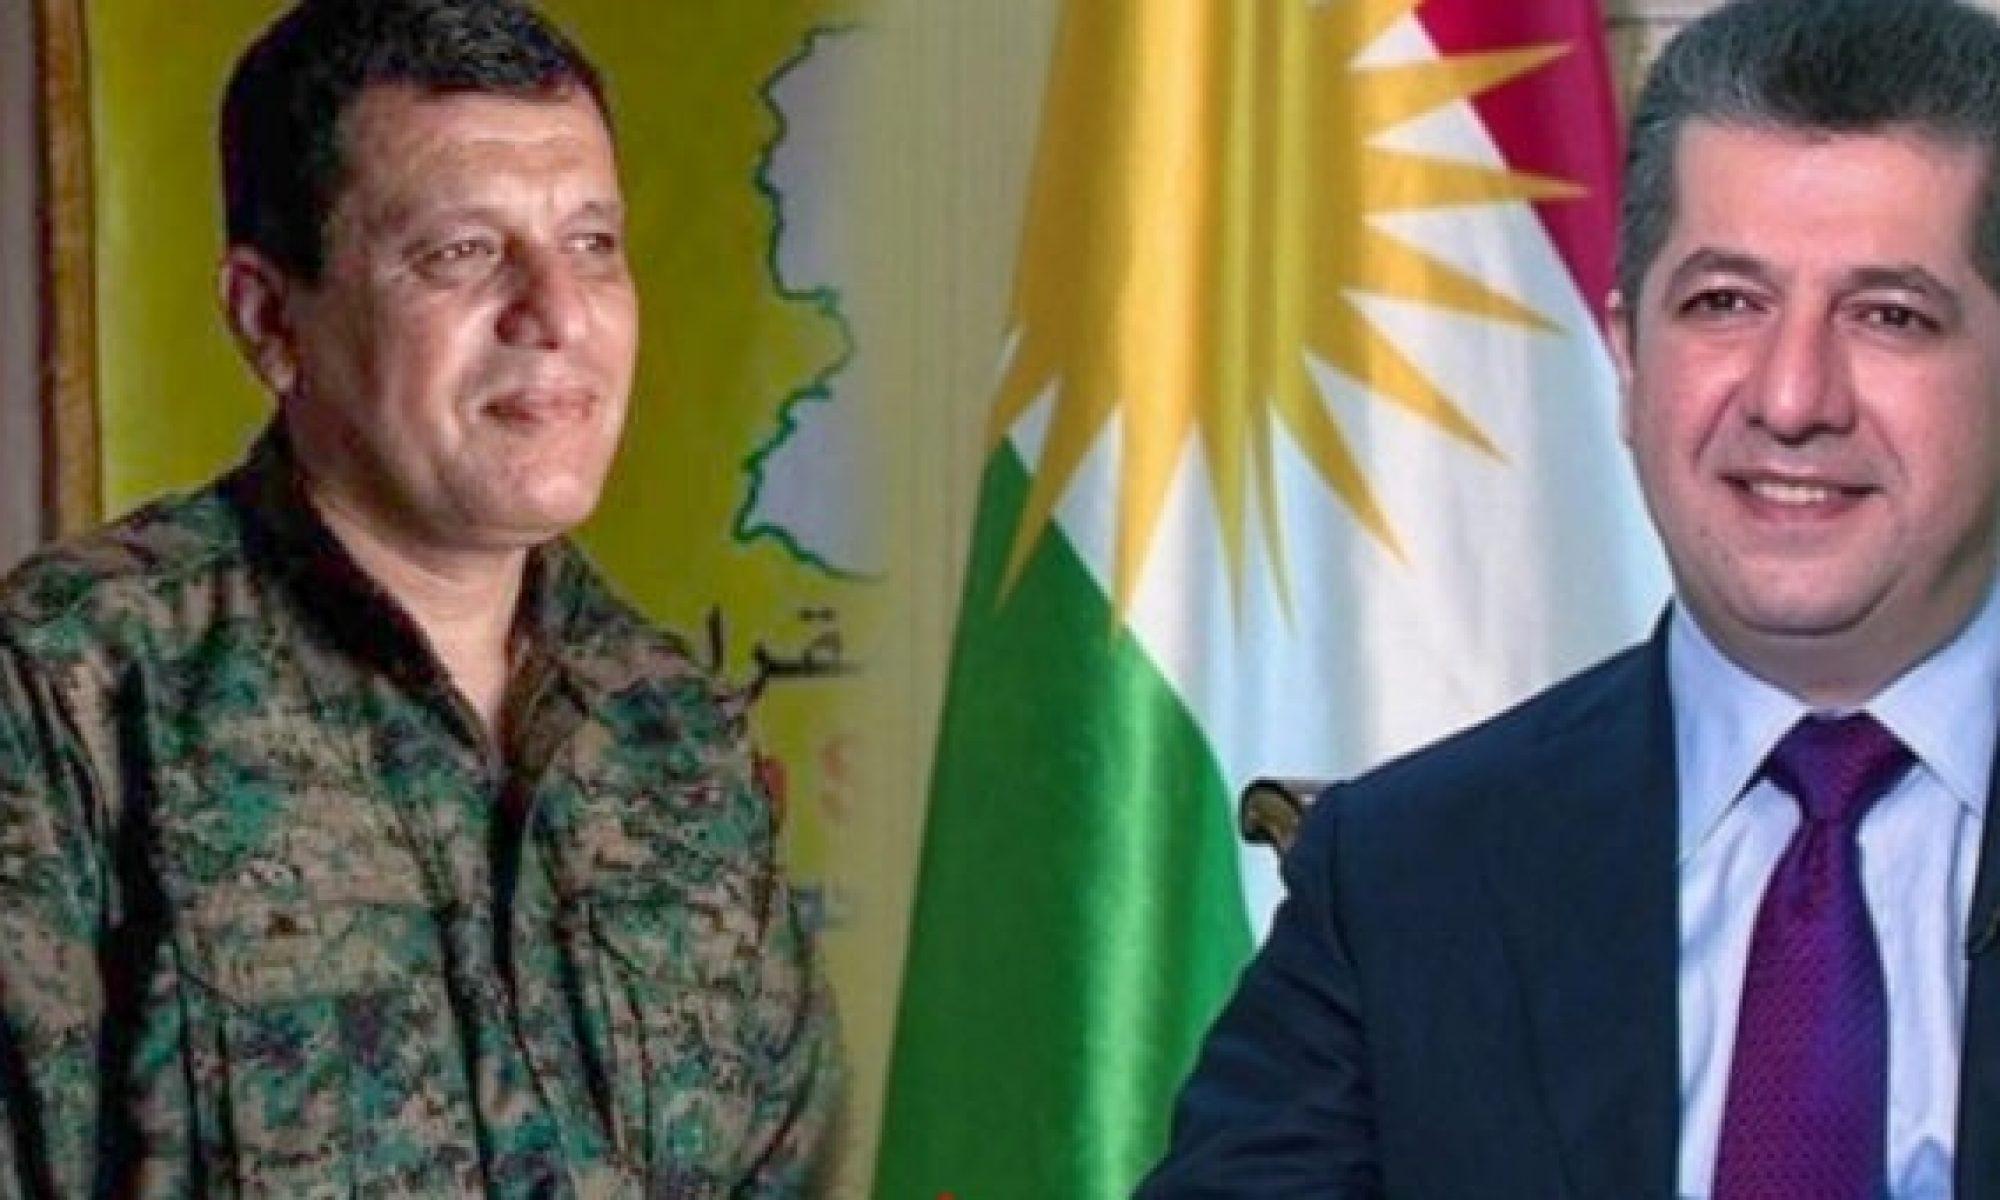 Abdi'den Başbakan'a: Halkımızın çıkarları için birlikte çalışmayı ümit ediyorum HSD; Mazlum Abdi; Şahin Cilo, Kürdristan, YPG